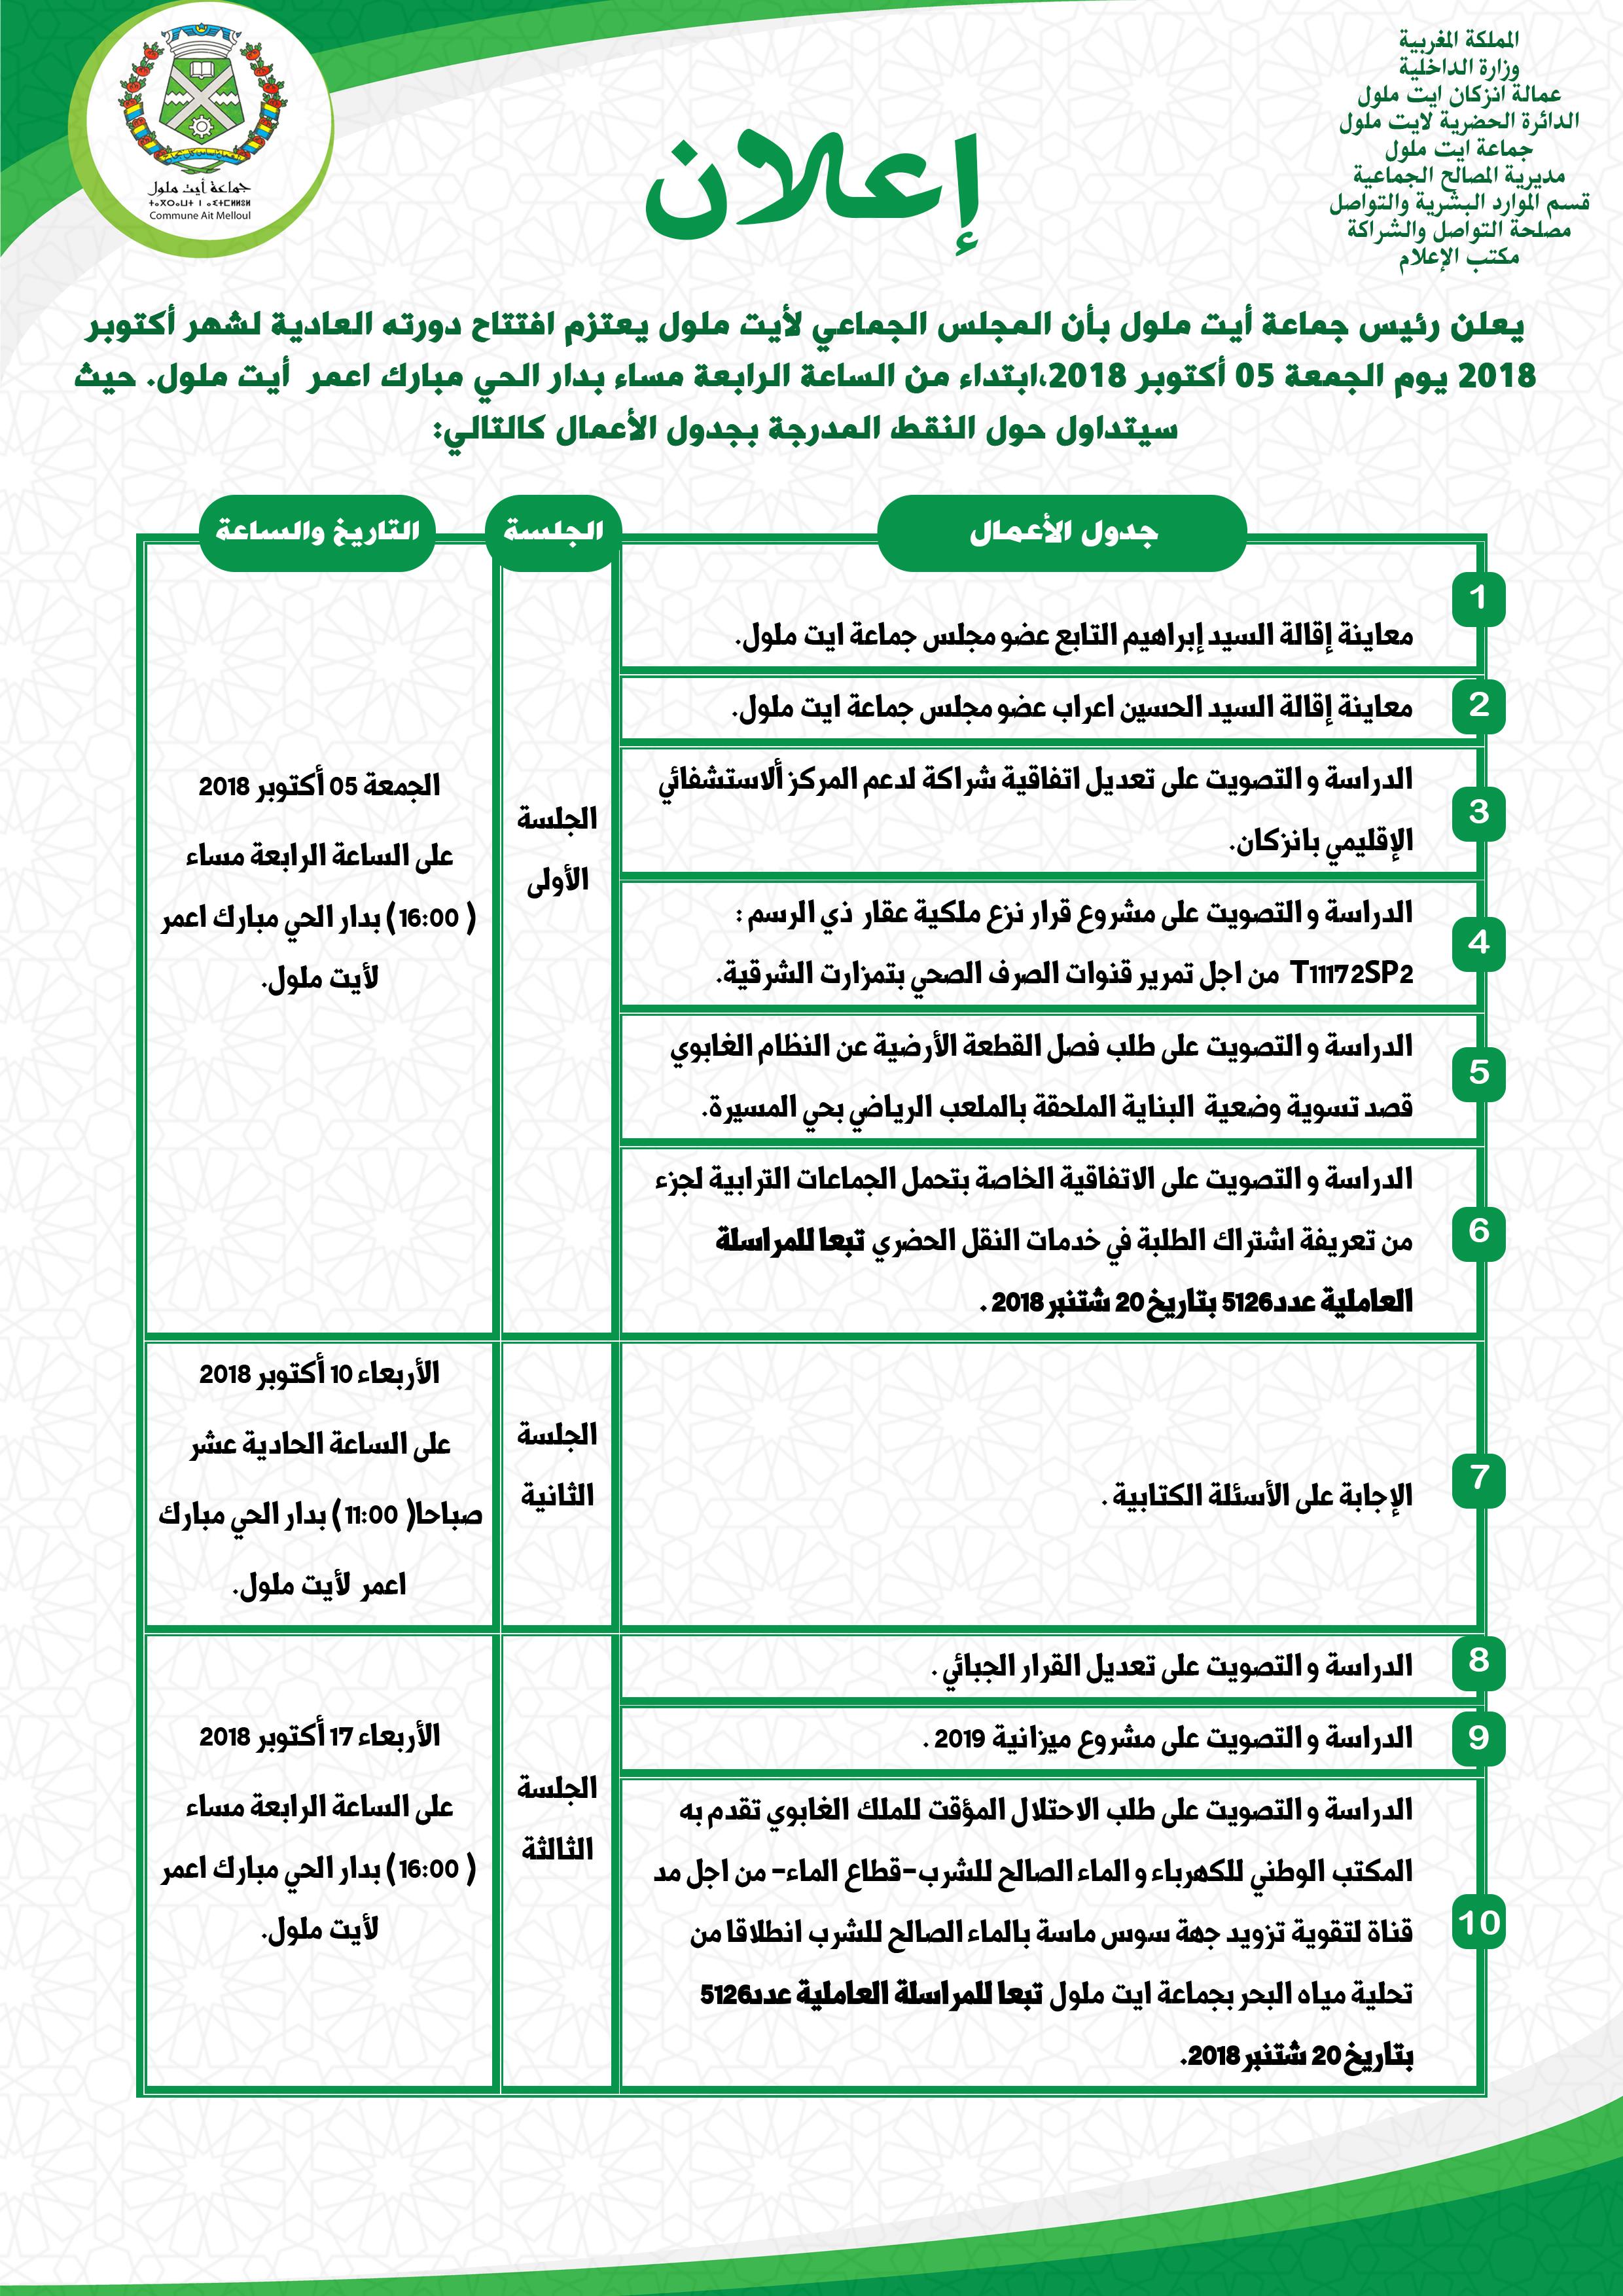 إعلان عن دورة أكتوبر 2018 للمجلس الجماعي لأيت ملول